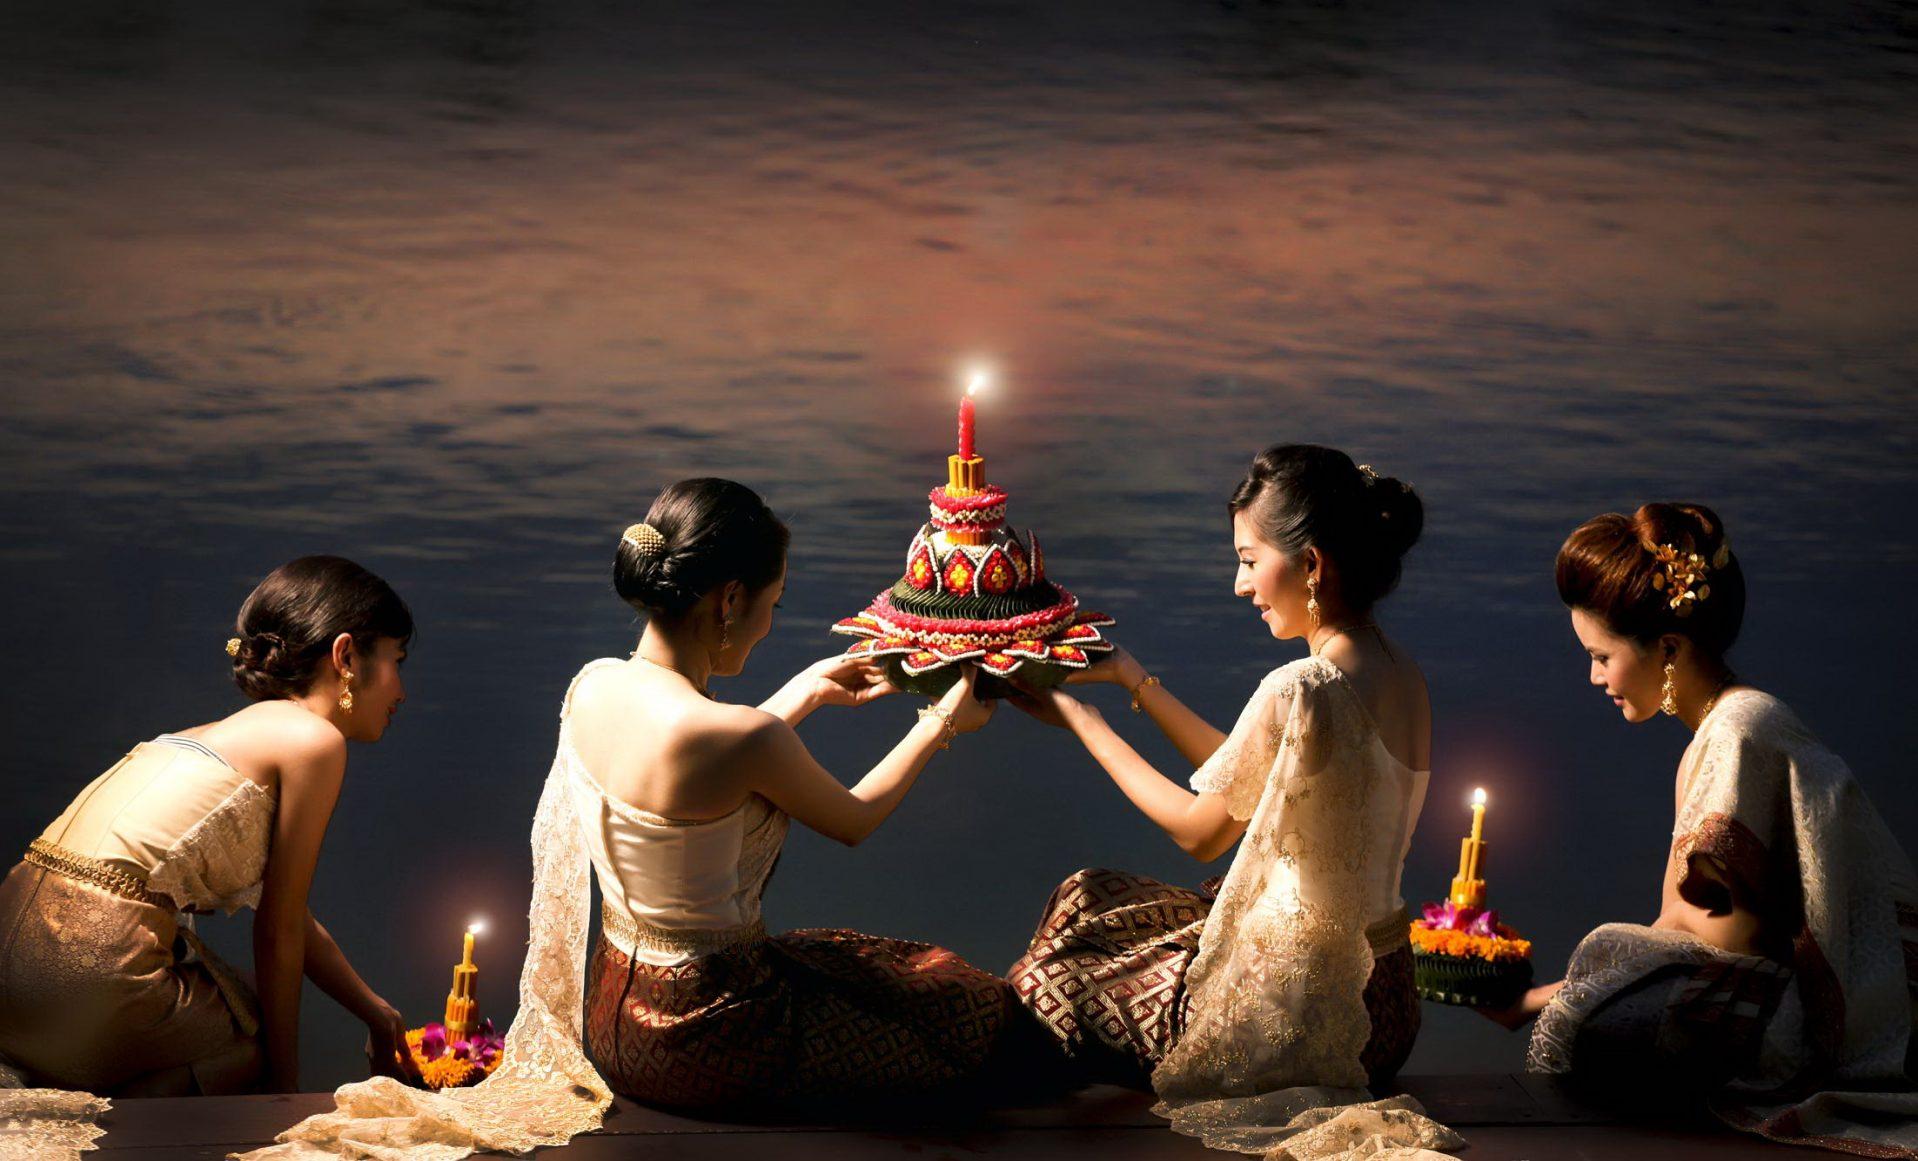 loi-khratong-women-offering-e1539666706996